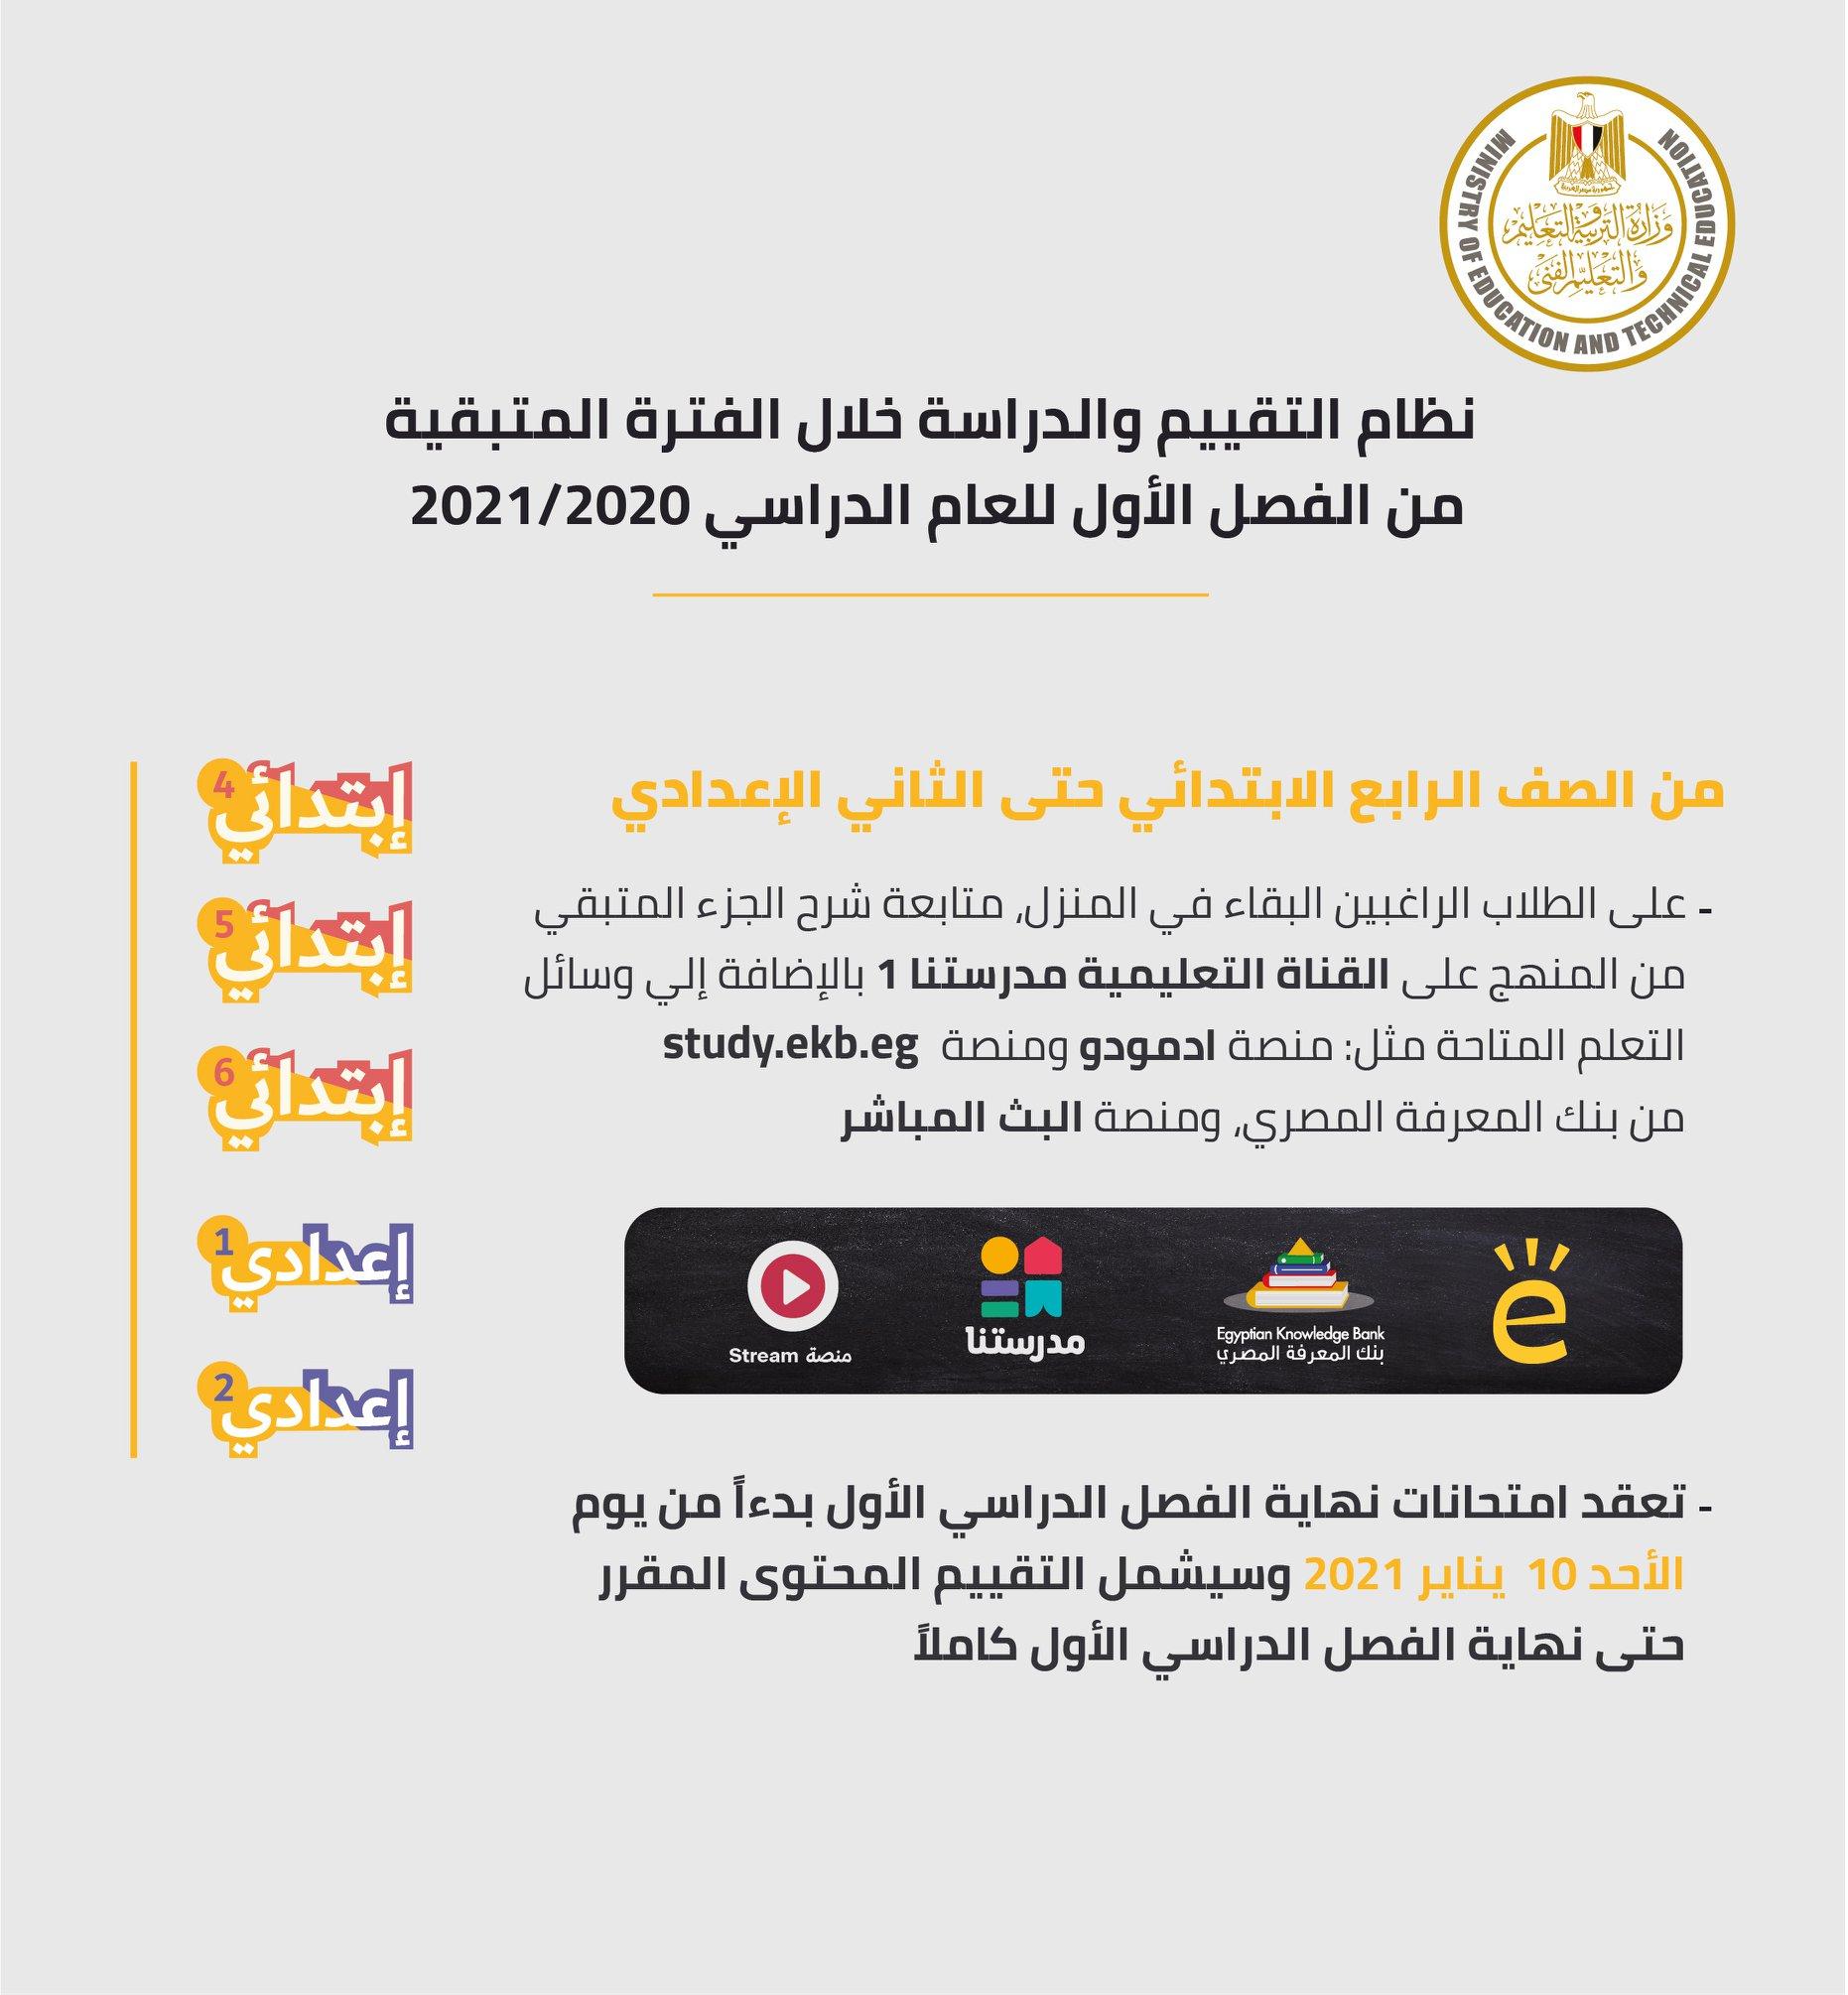 وزير التربية والتعليم يصدر 10 قرارات جديدة لاستكمال الدراسة وموعد جديد لبدء امتحانات سنوات النقل 4